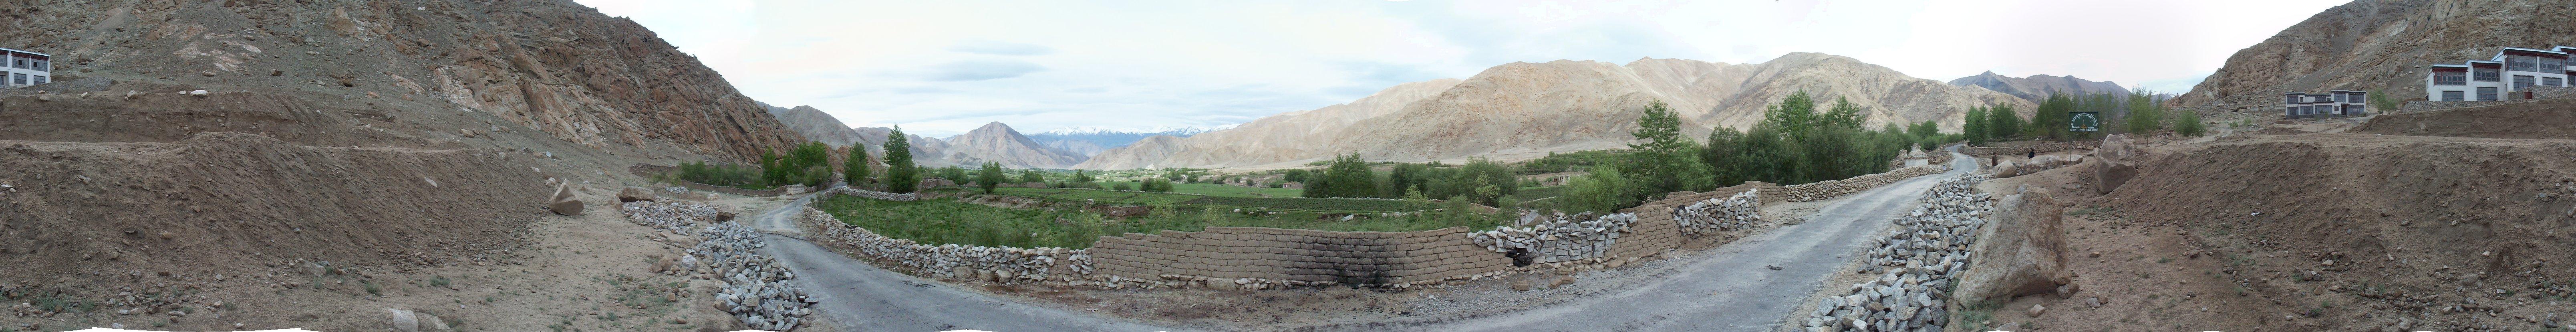 Manju Shri School, Ladakh